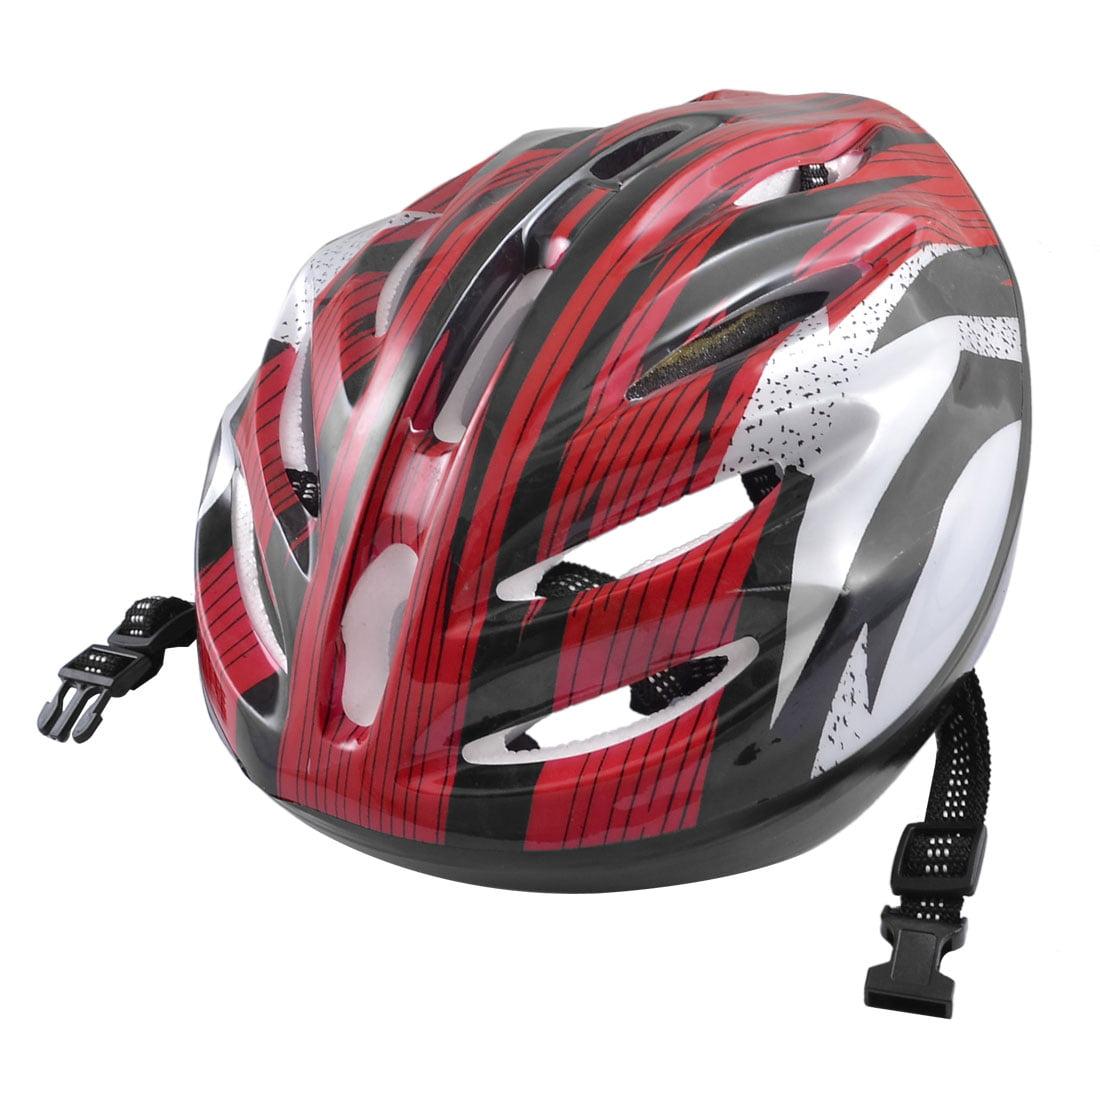 Women Men Skateboard Skiing Racing Bicycle Bike Sports Helmet Red Gray Black by